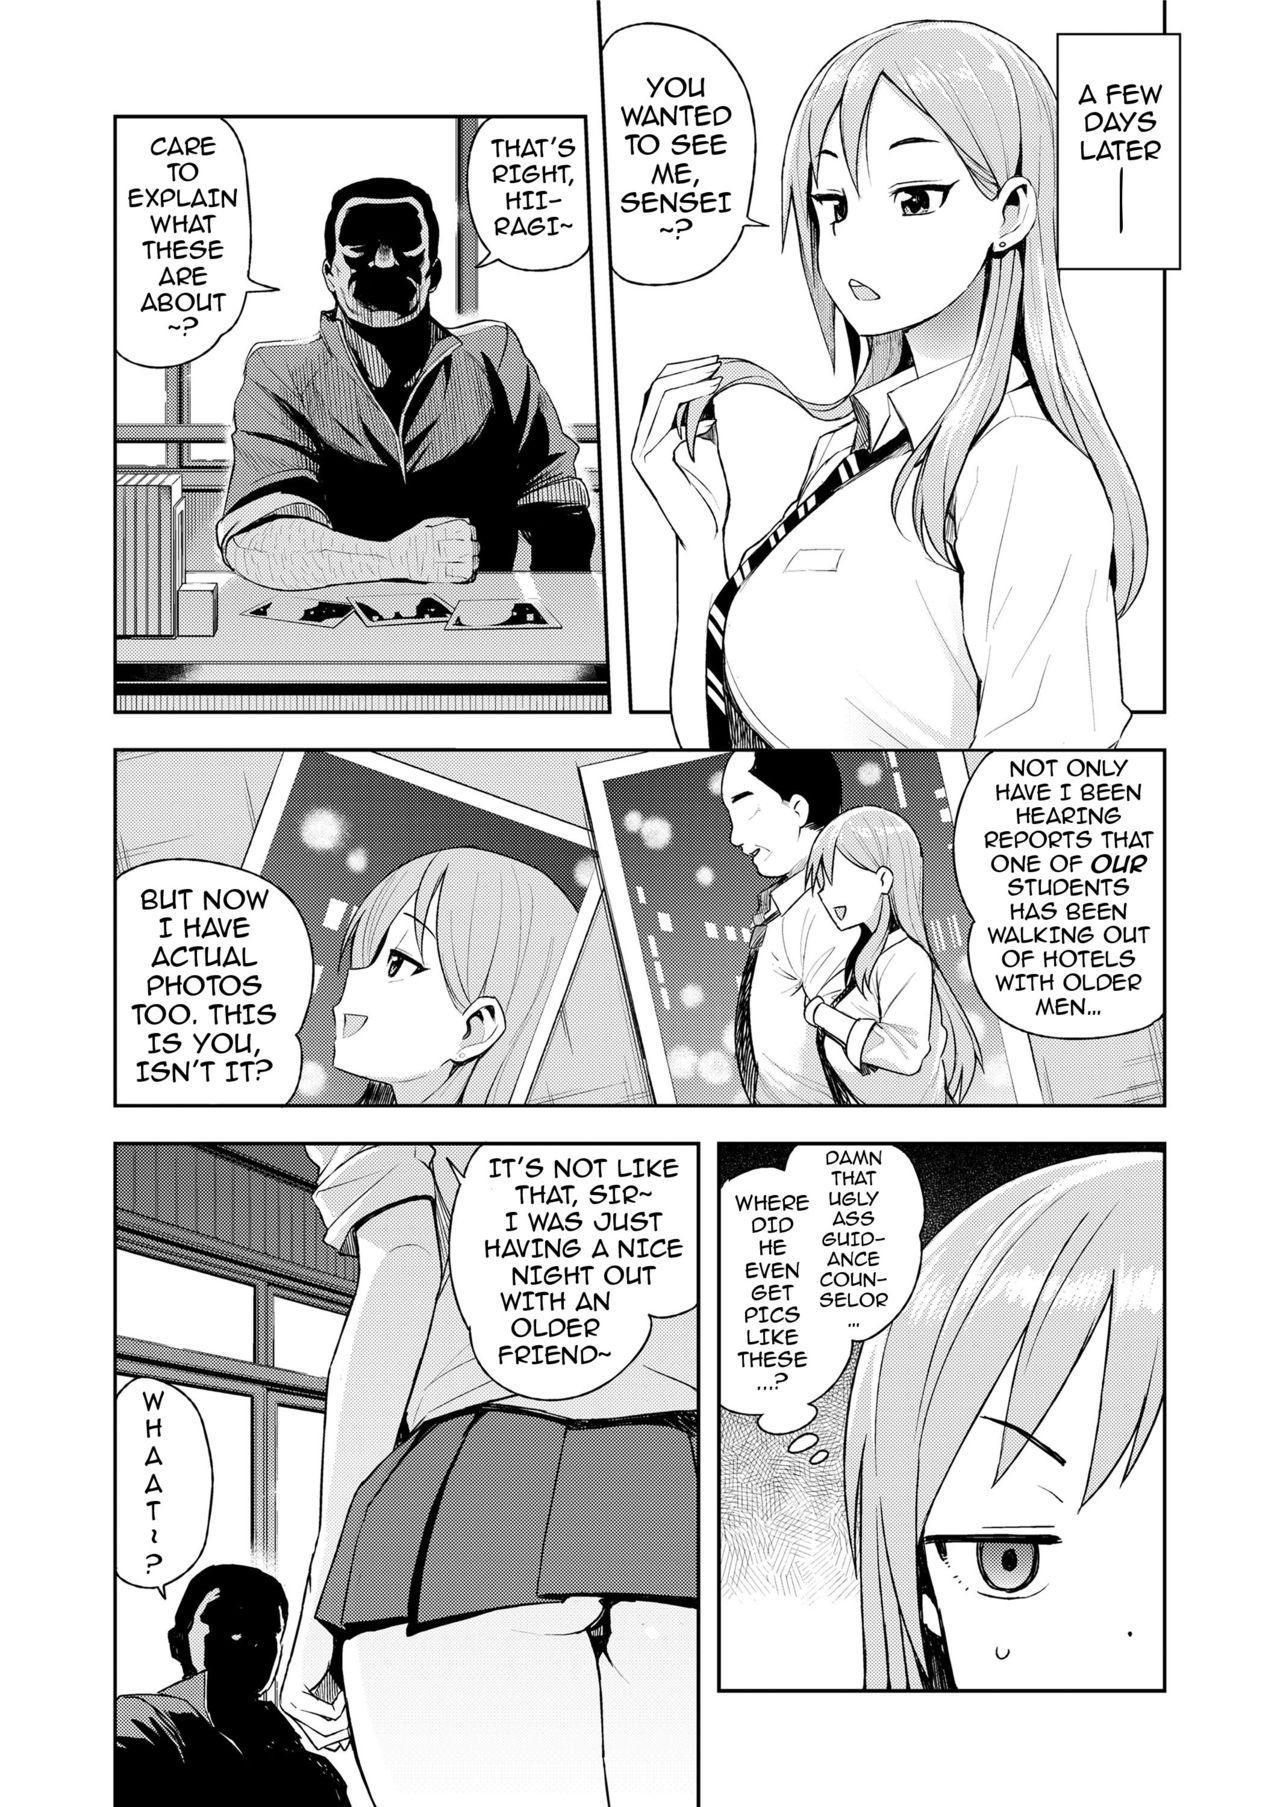 [Tamagoro] JK-ENKO ~Hiiragi Marin no Baai~ | High School Call Girl ~The Case of Marin Hiiragi~ (COMIC saseco Vol. 2) [English] [darknight] [Digital] 6